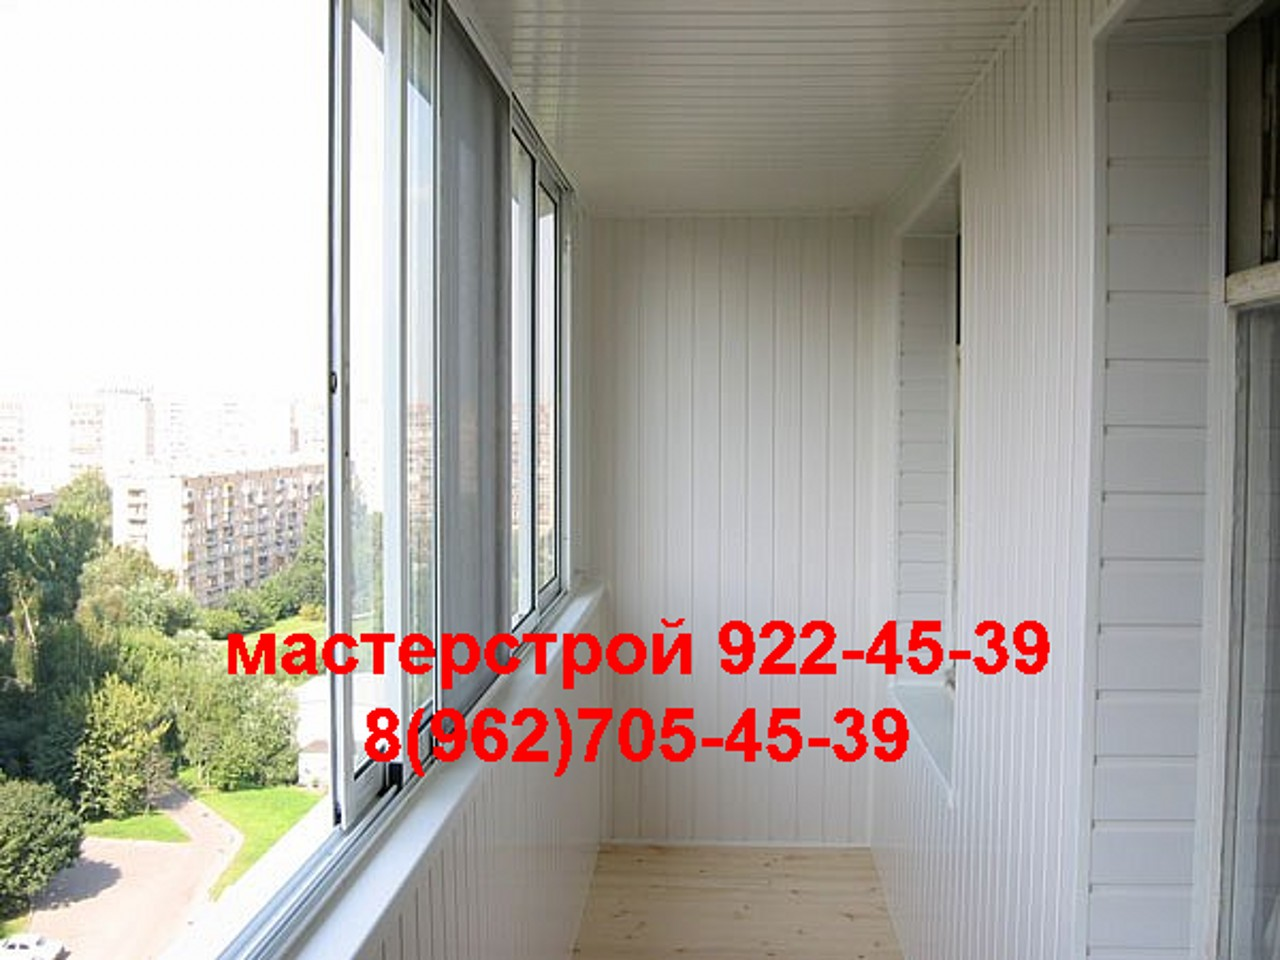 Остекление балконов в екатеринбурге, алюминиевый профиль.